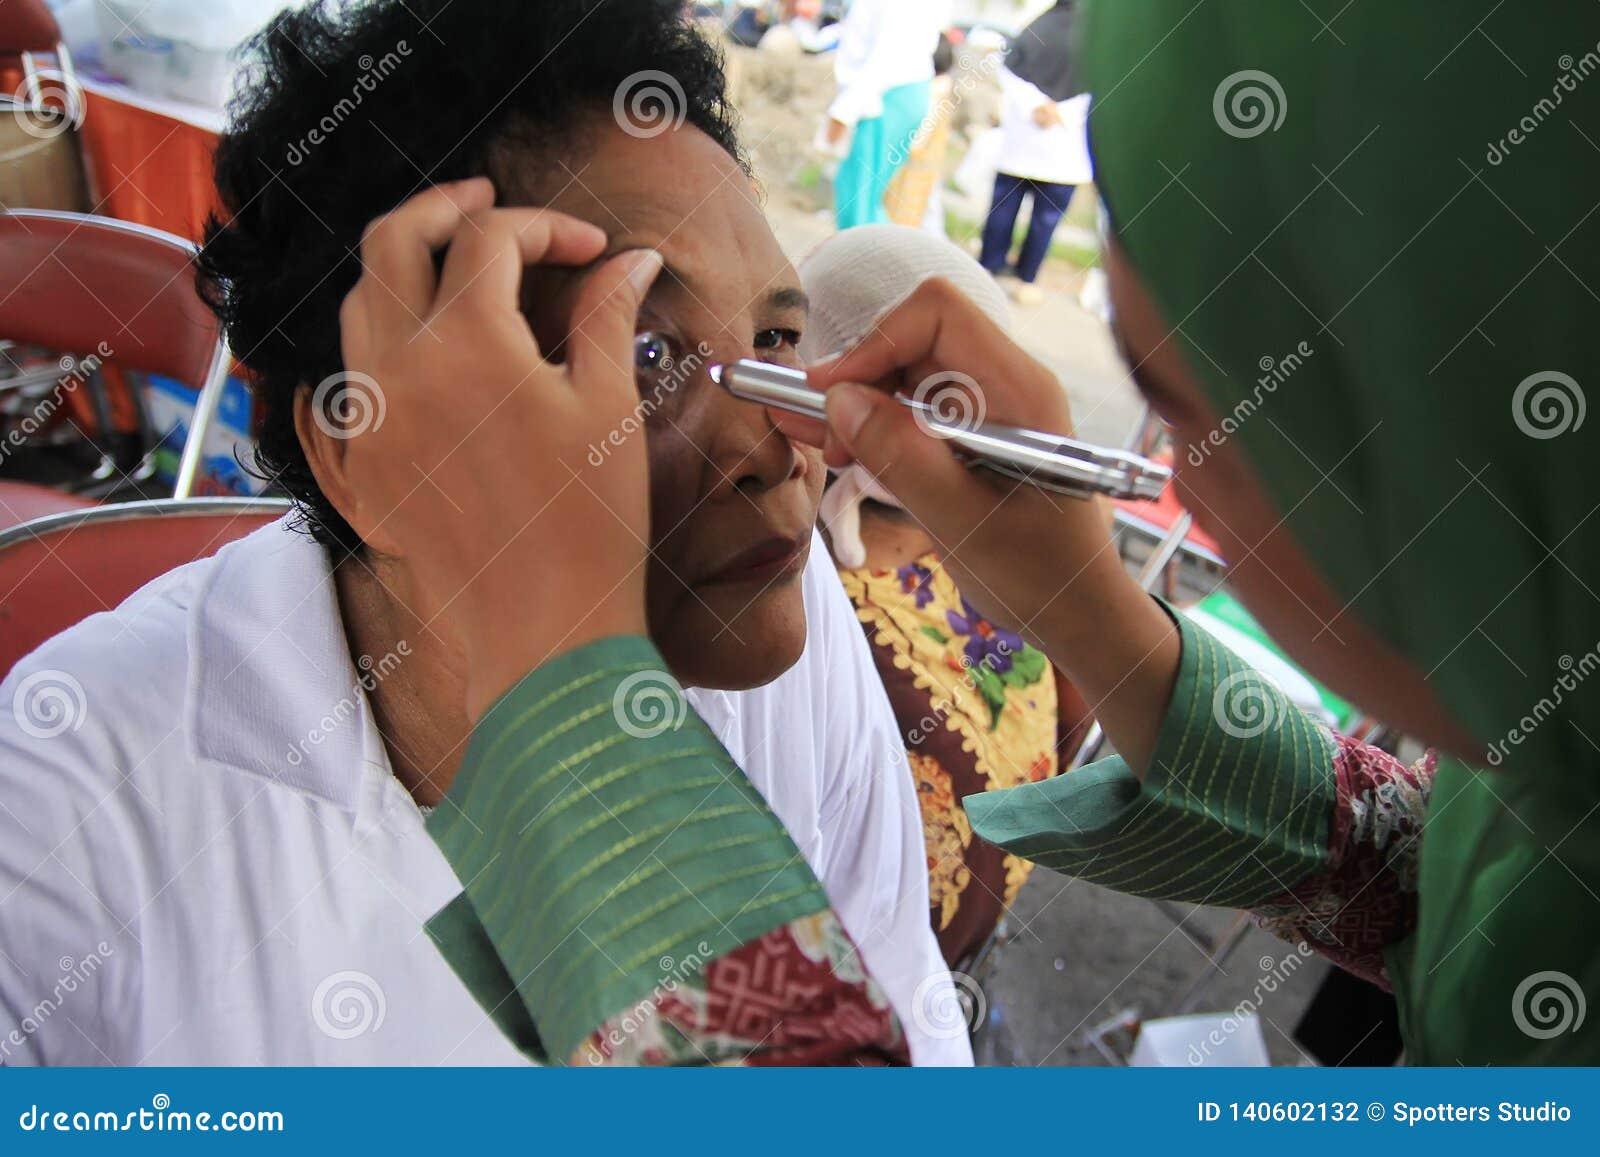 Сурабая Индонезия, может 21, 2014 работник службы здравоохранения проверяет глаза пациента